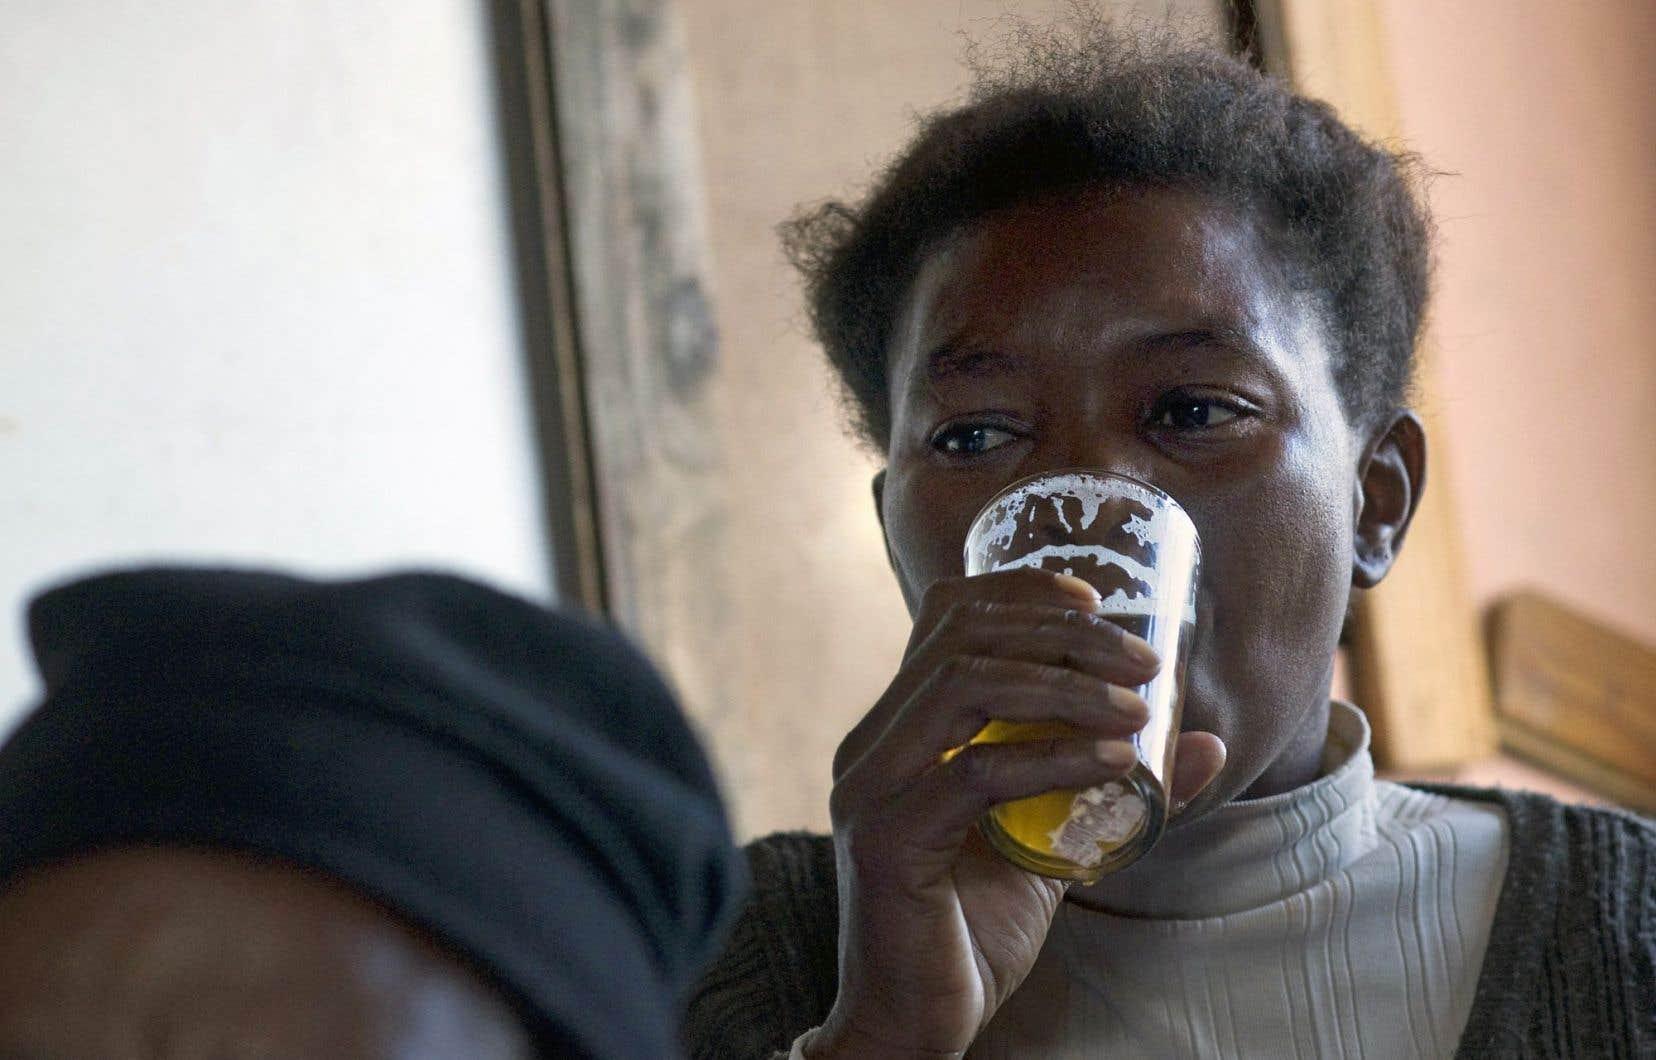 Une femme boit une bière dans une taverne illégale d'Afrique du Sud. La consommation de bières artisanales fait des centaines de morts chaque année sur le continent africain.